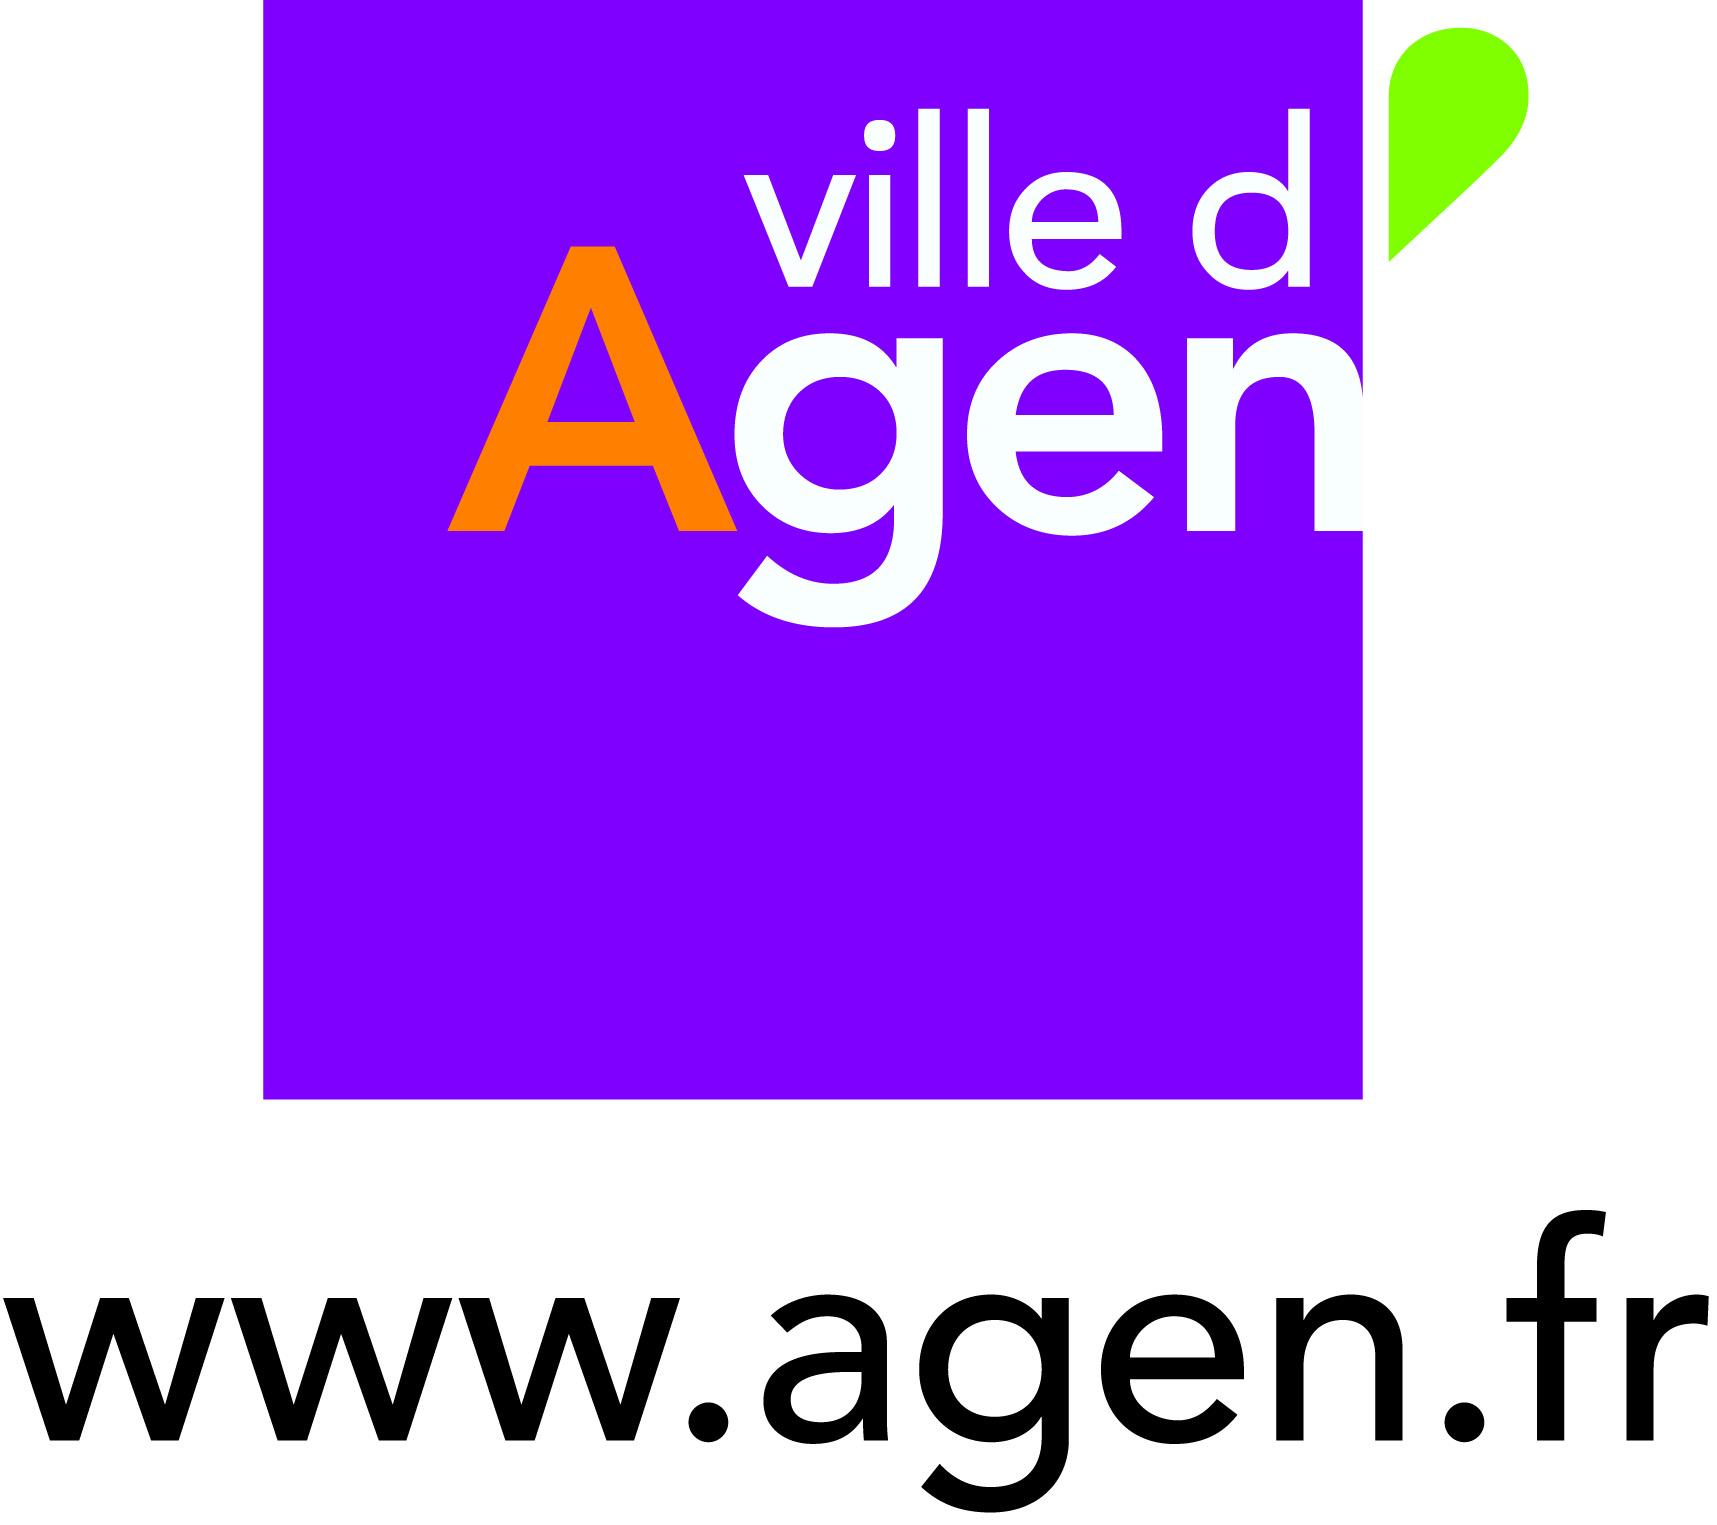 LA VILLE D'AGEN ET L'AGGLOMERATION D'AGEN ACCOMPAGNENT LA TRANSITION ECOLOGIQUE DE LEUR TERRITOIRE     http://www.agen.fr/